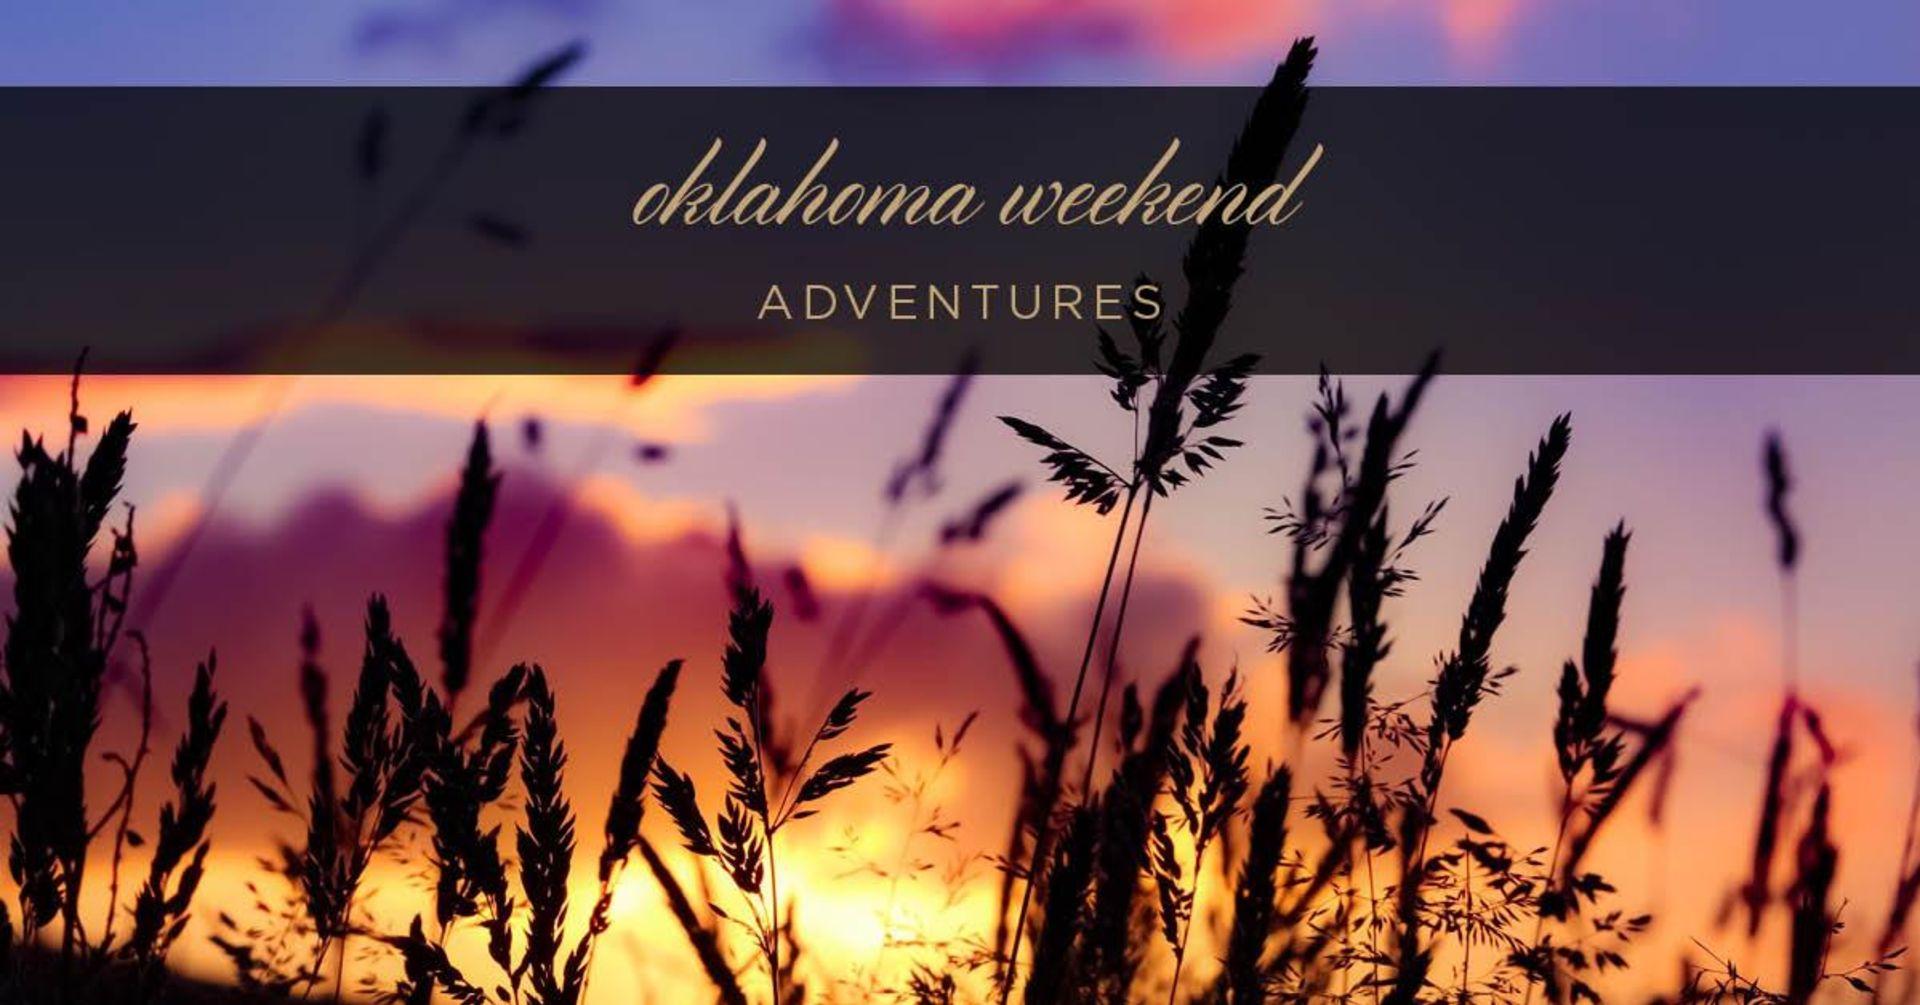 Oklahoma Weekend Adventures